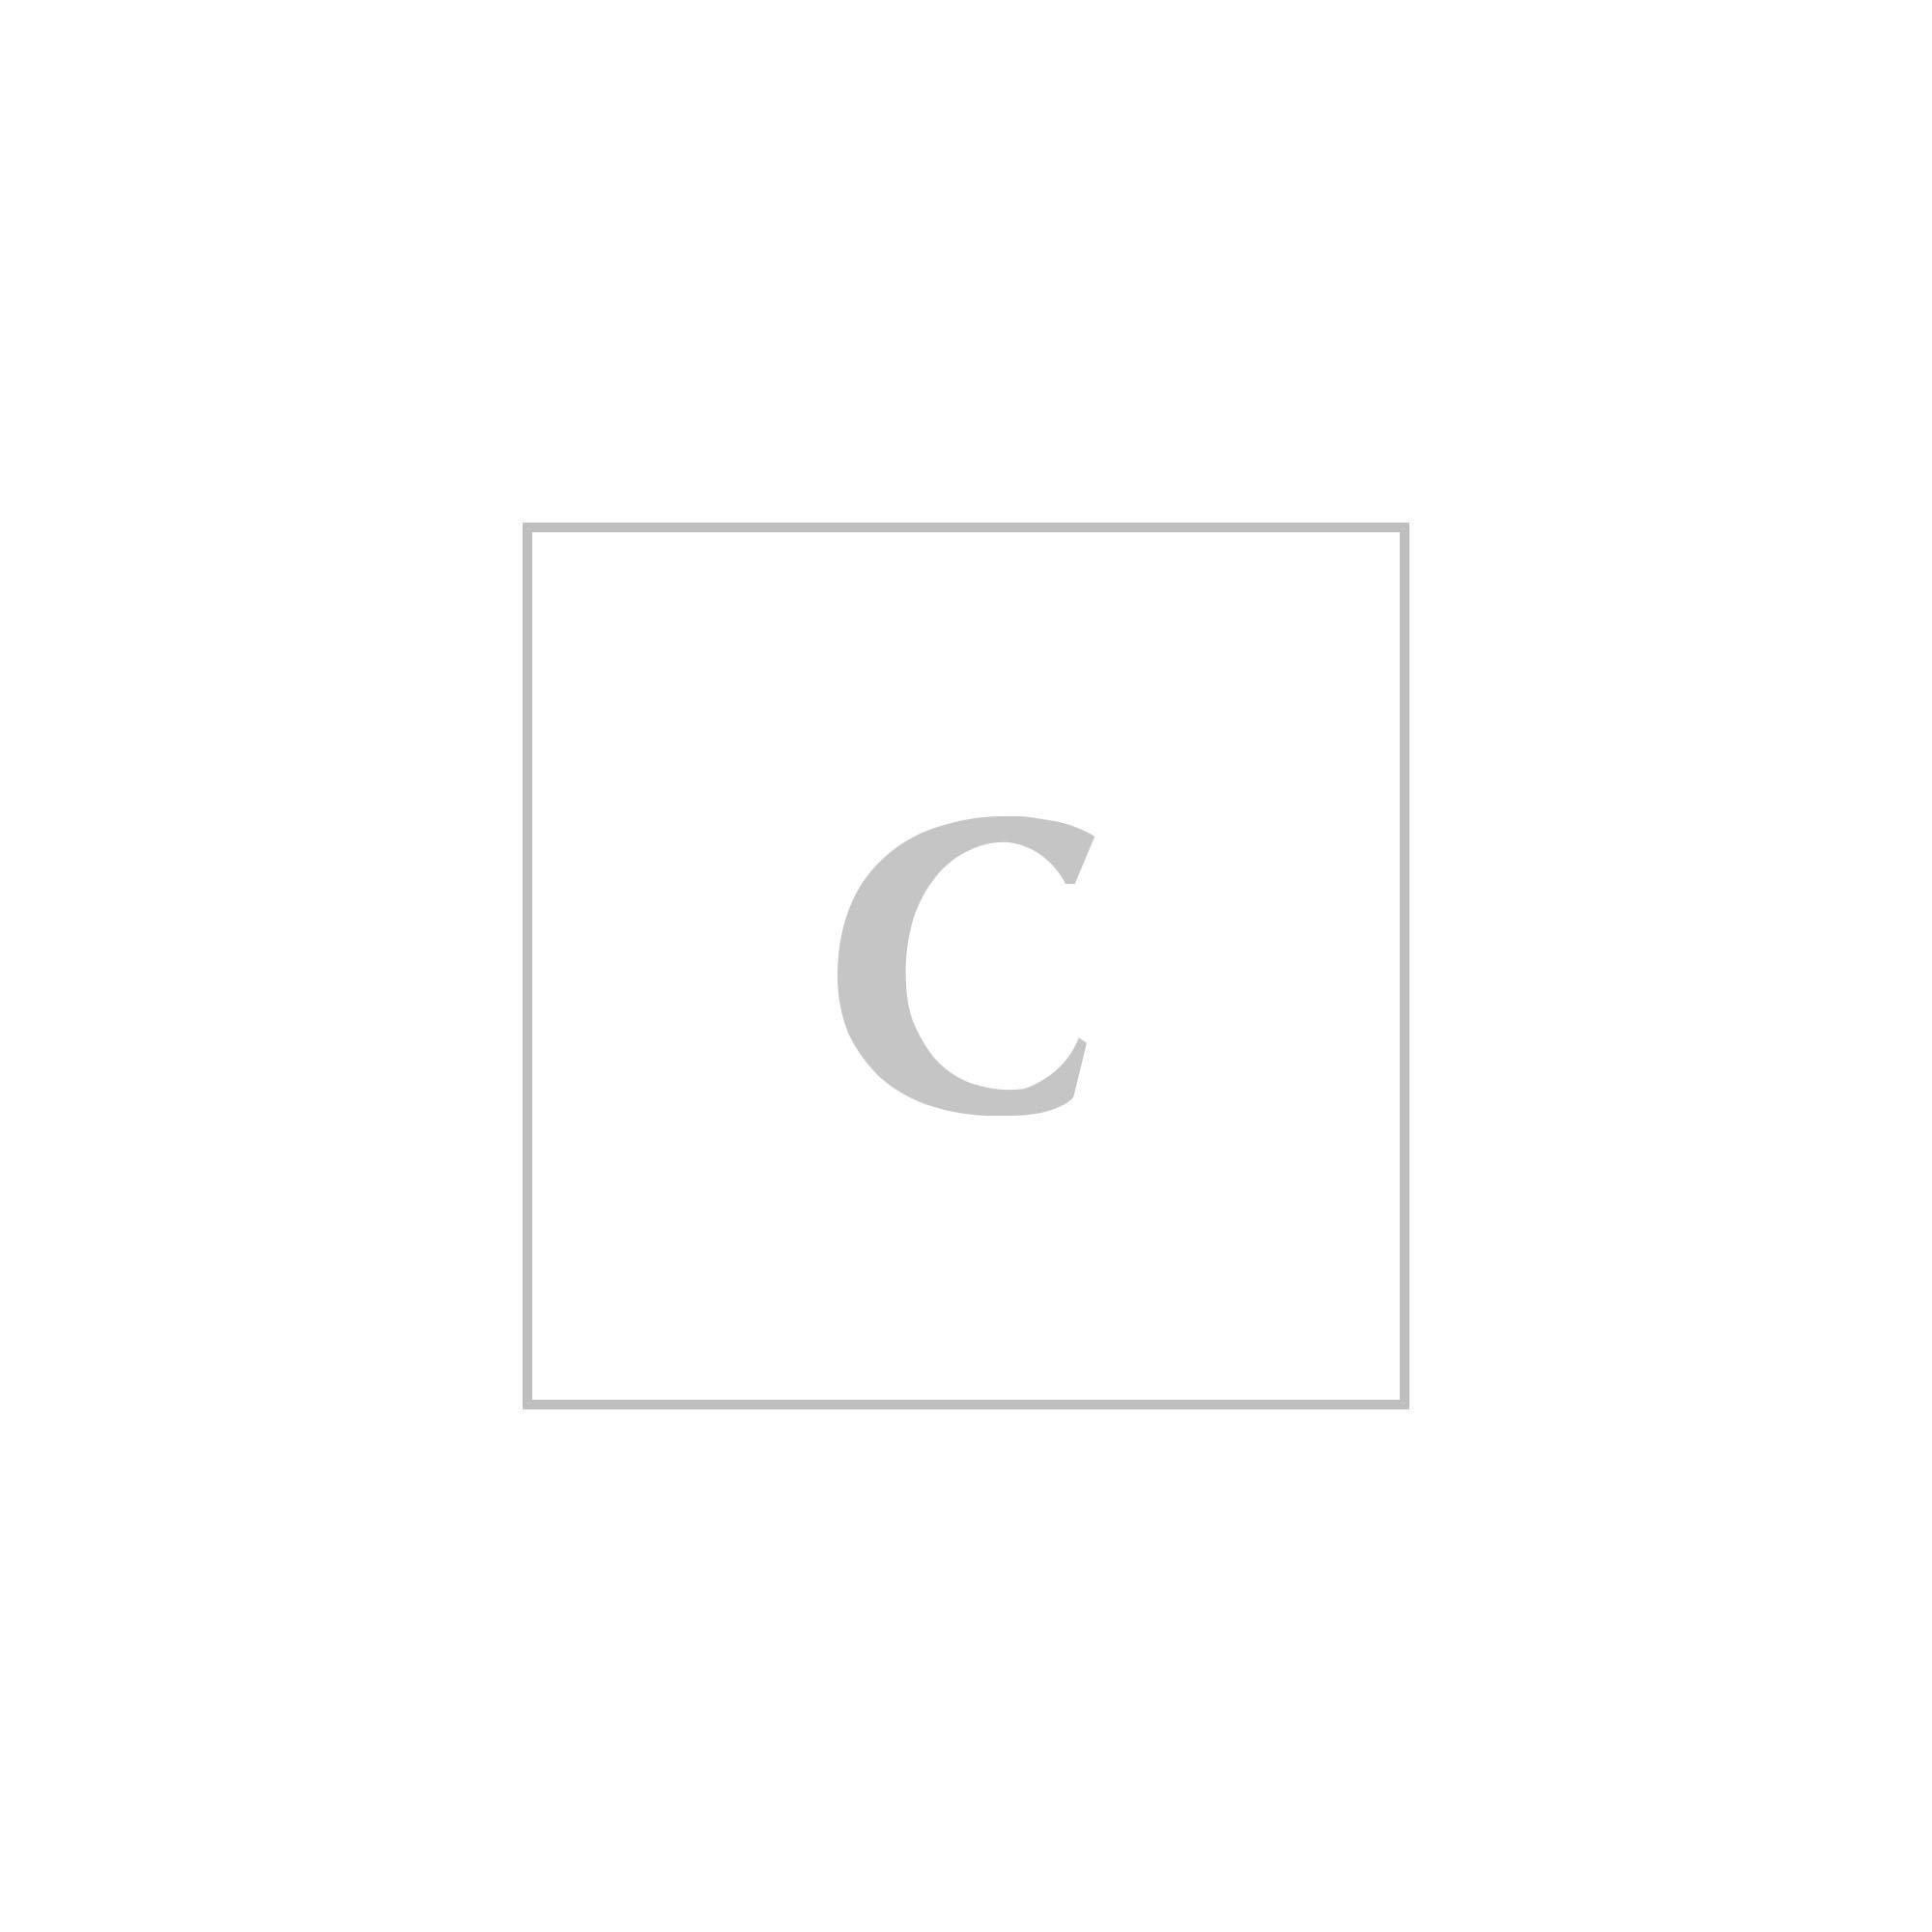 36b364a6ff1a Kenzo Shirts Boutique Coltorti Grey T Men Avwdq6xvZ